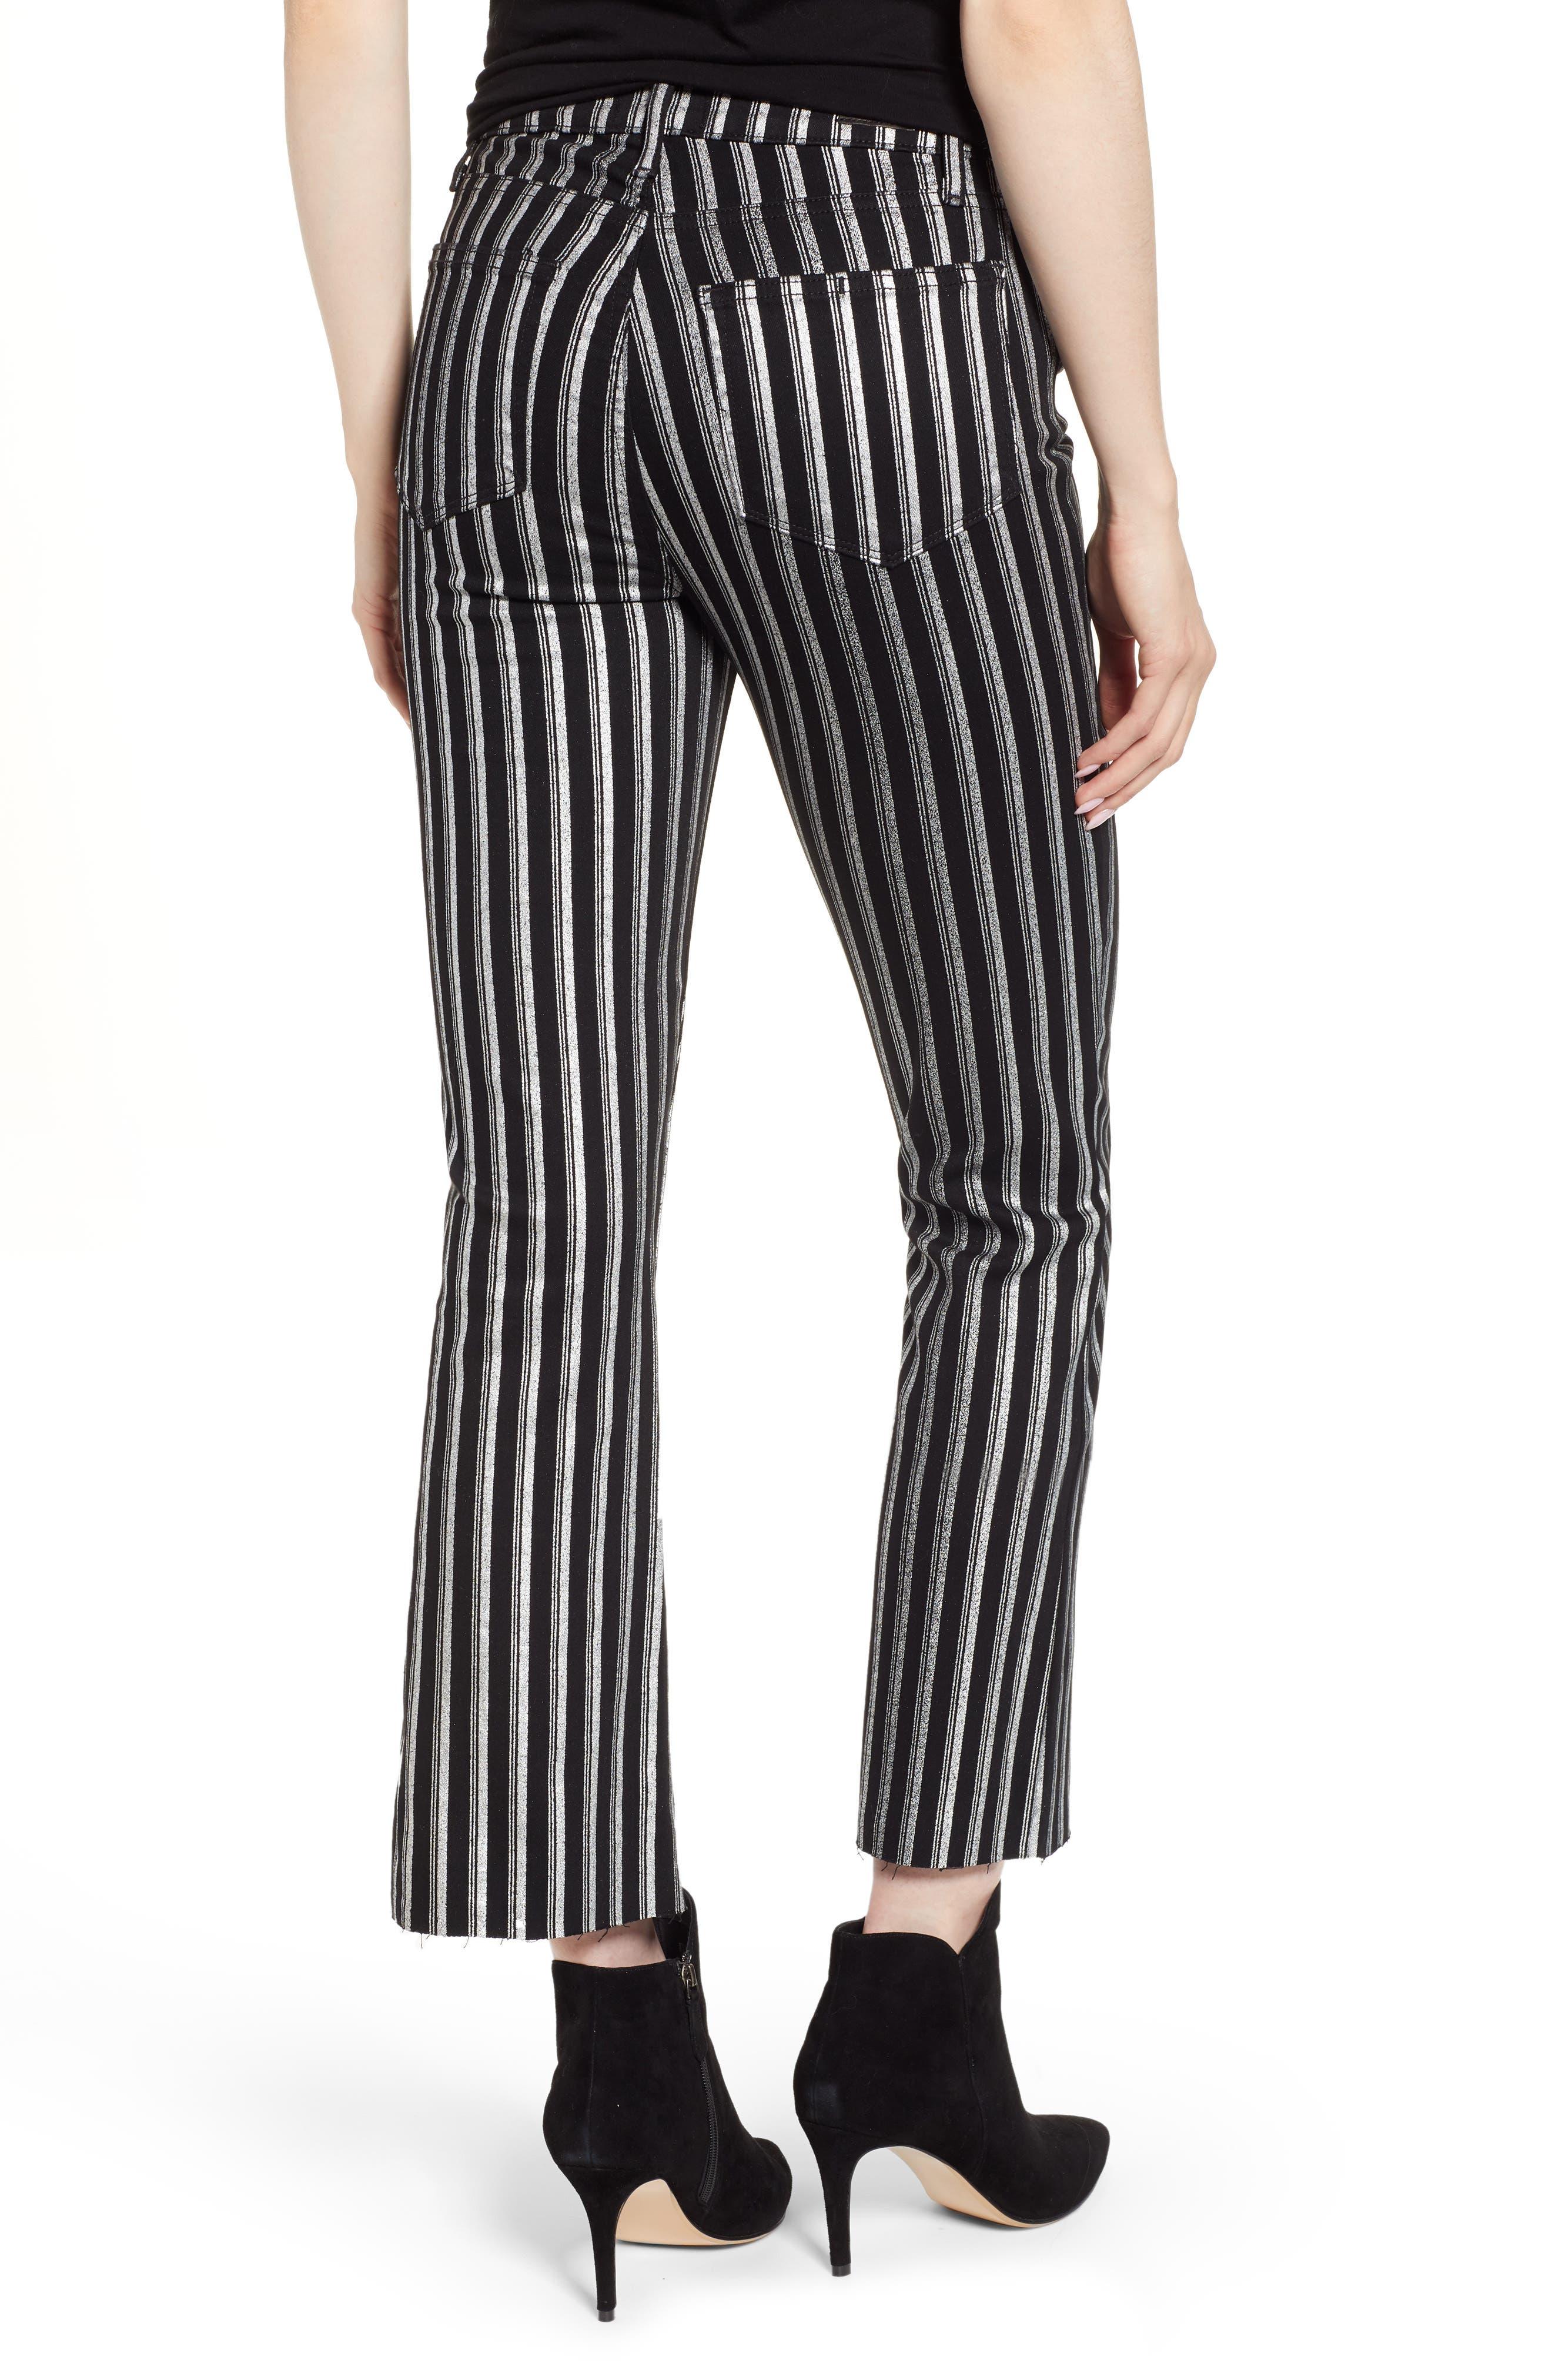 PAIGE, Colette High Waist Crop Flare Jeans, Alternate thumbnail 2, color, SILVER STRIPE